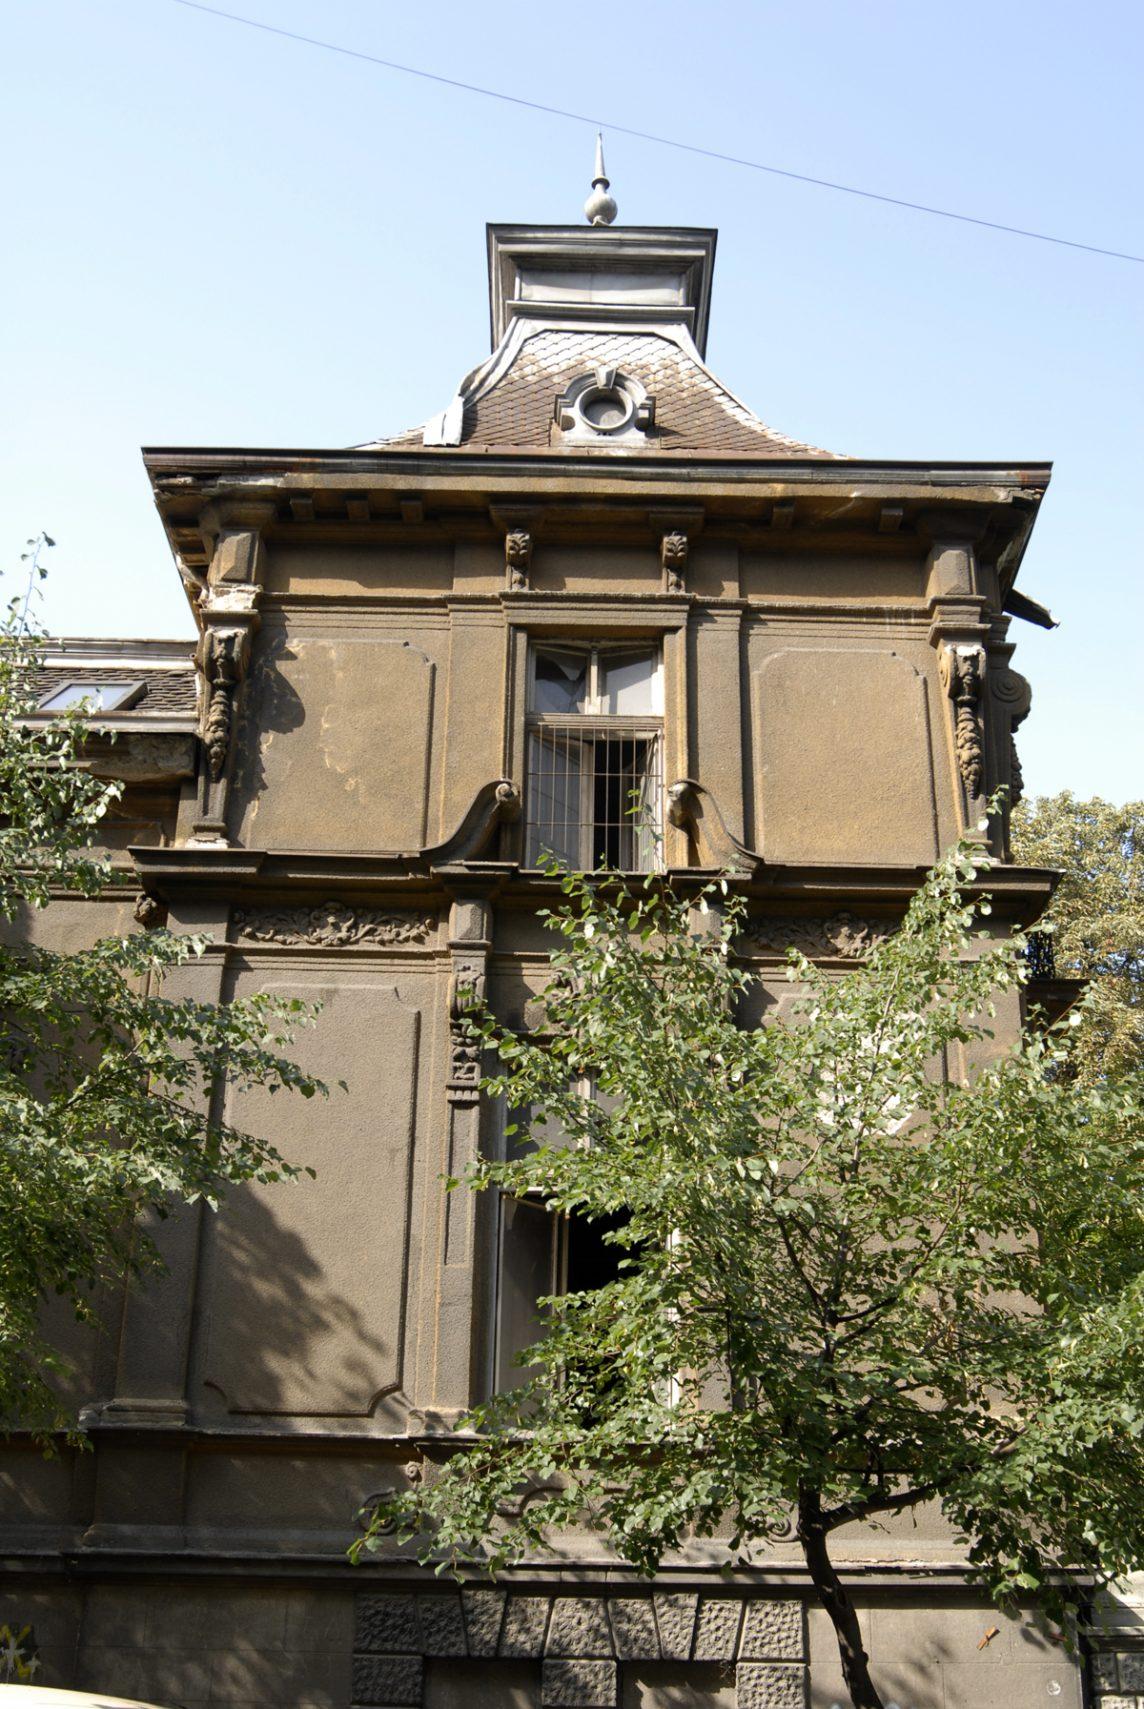 Архитекта Јован Илкић сврстава се у ред најзначајнијих аутора српског академизма у периоду од 1884. до 1914. године